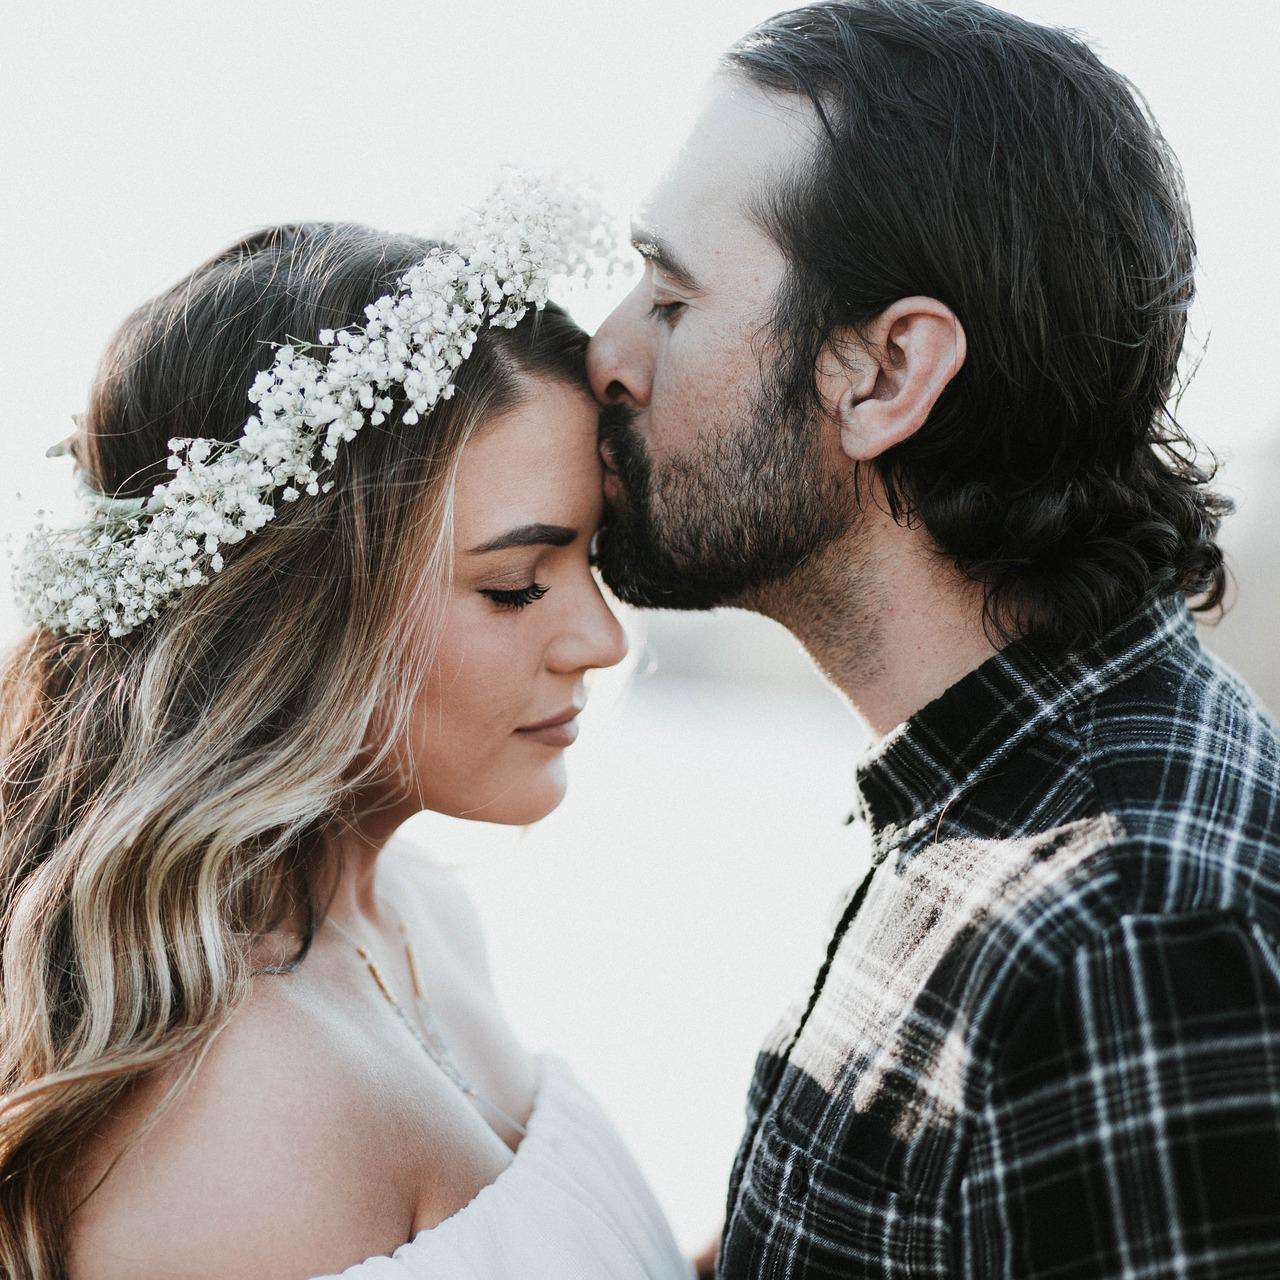 Le juste prix de votre traiteur de mariage